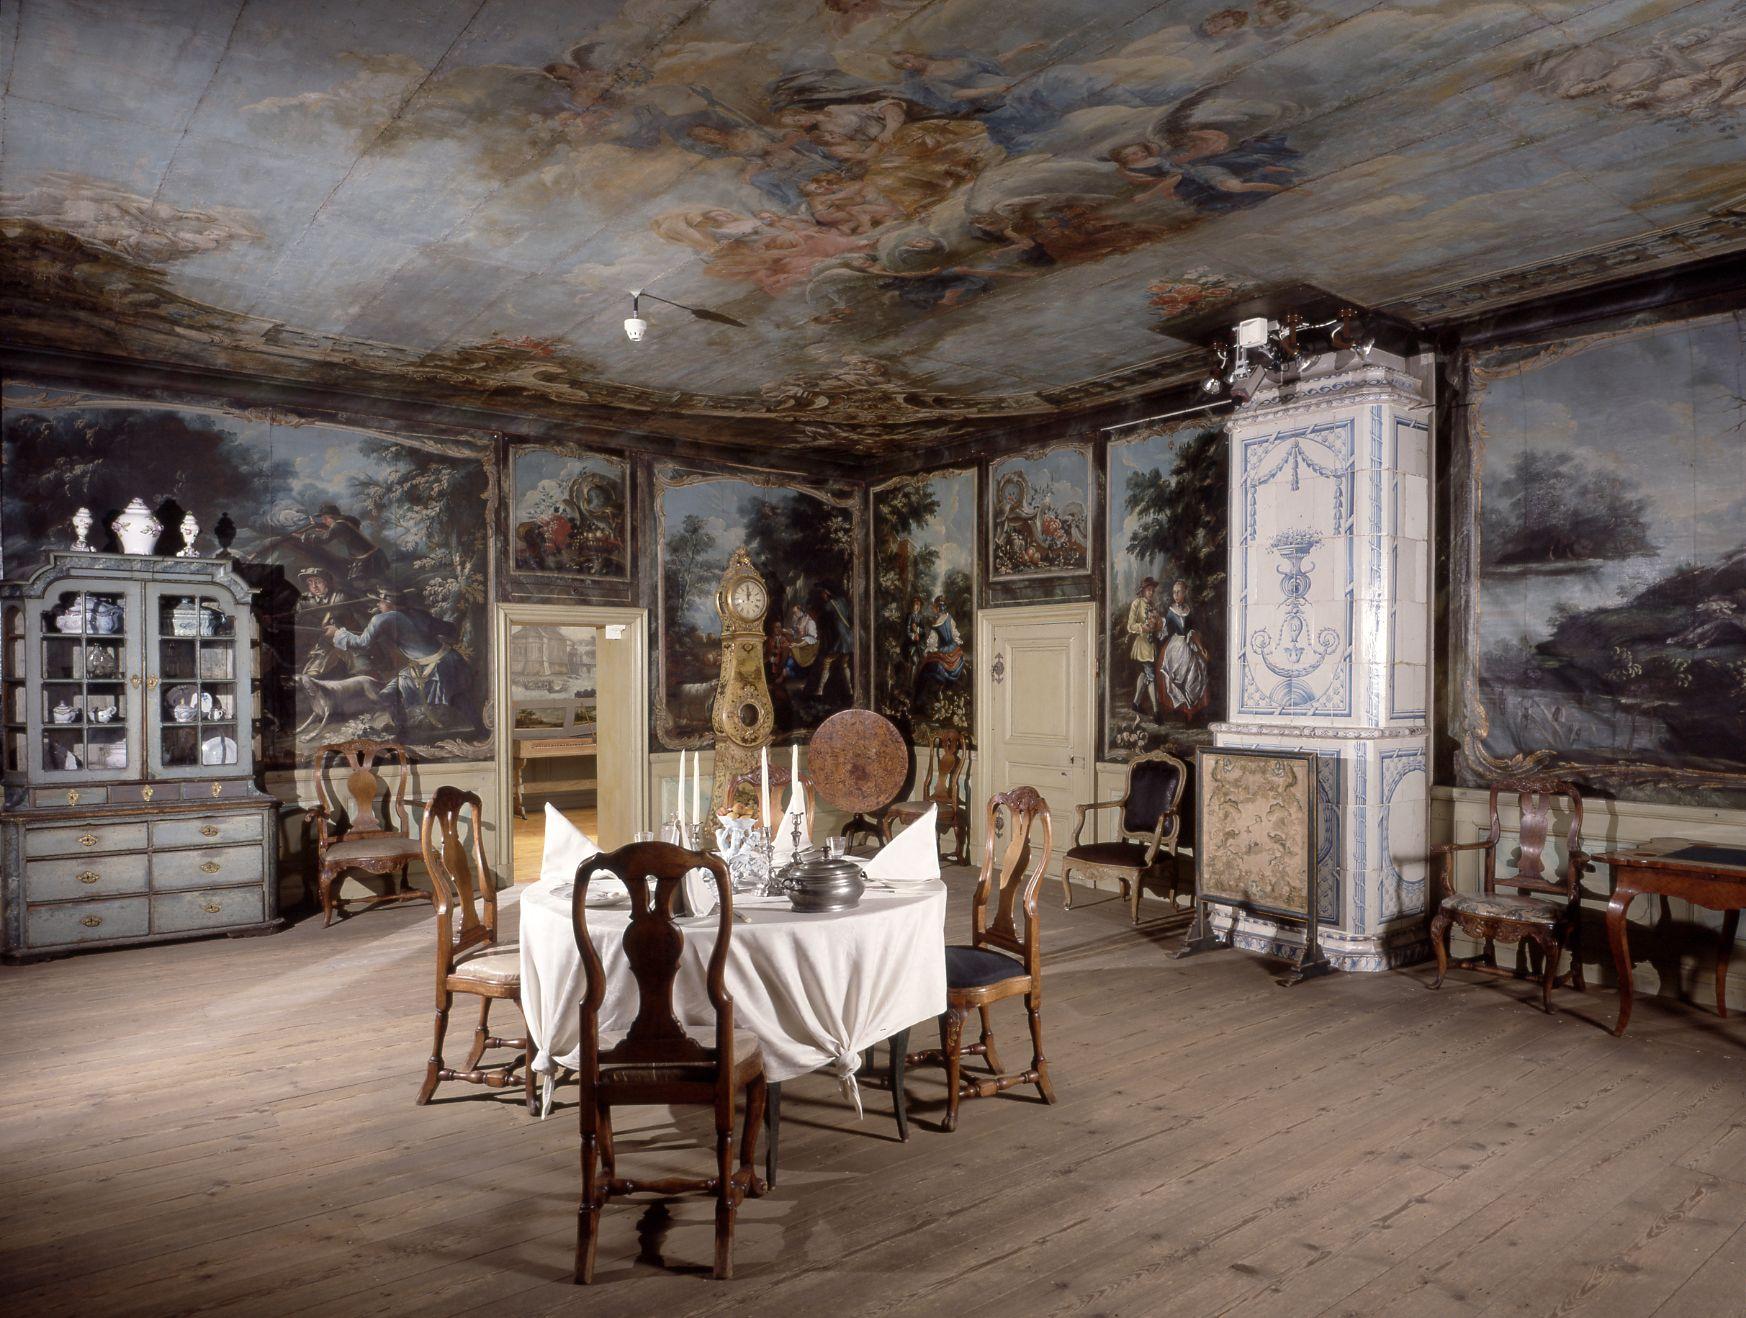 Jakkarilan sali. 10-huoneisen rokokoorakennuksen kiinteästä sisustuksesta on vielä jäljellä rintapaneelit, joihin alkuaan liittyivät 1764 maalatut pellavatapetit. Tapetit on 1900-luvun alussa siirretty Kansallismuseon ns. Jakkarilan saliin.